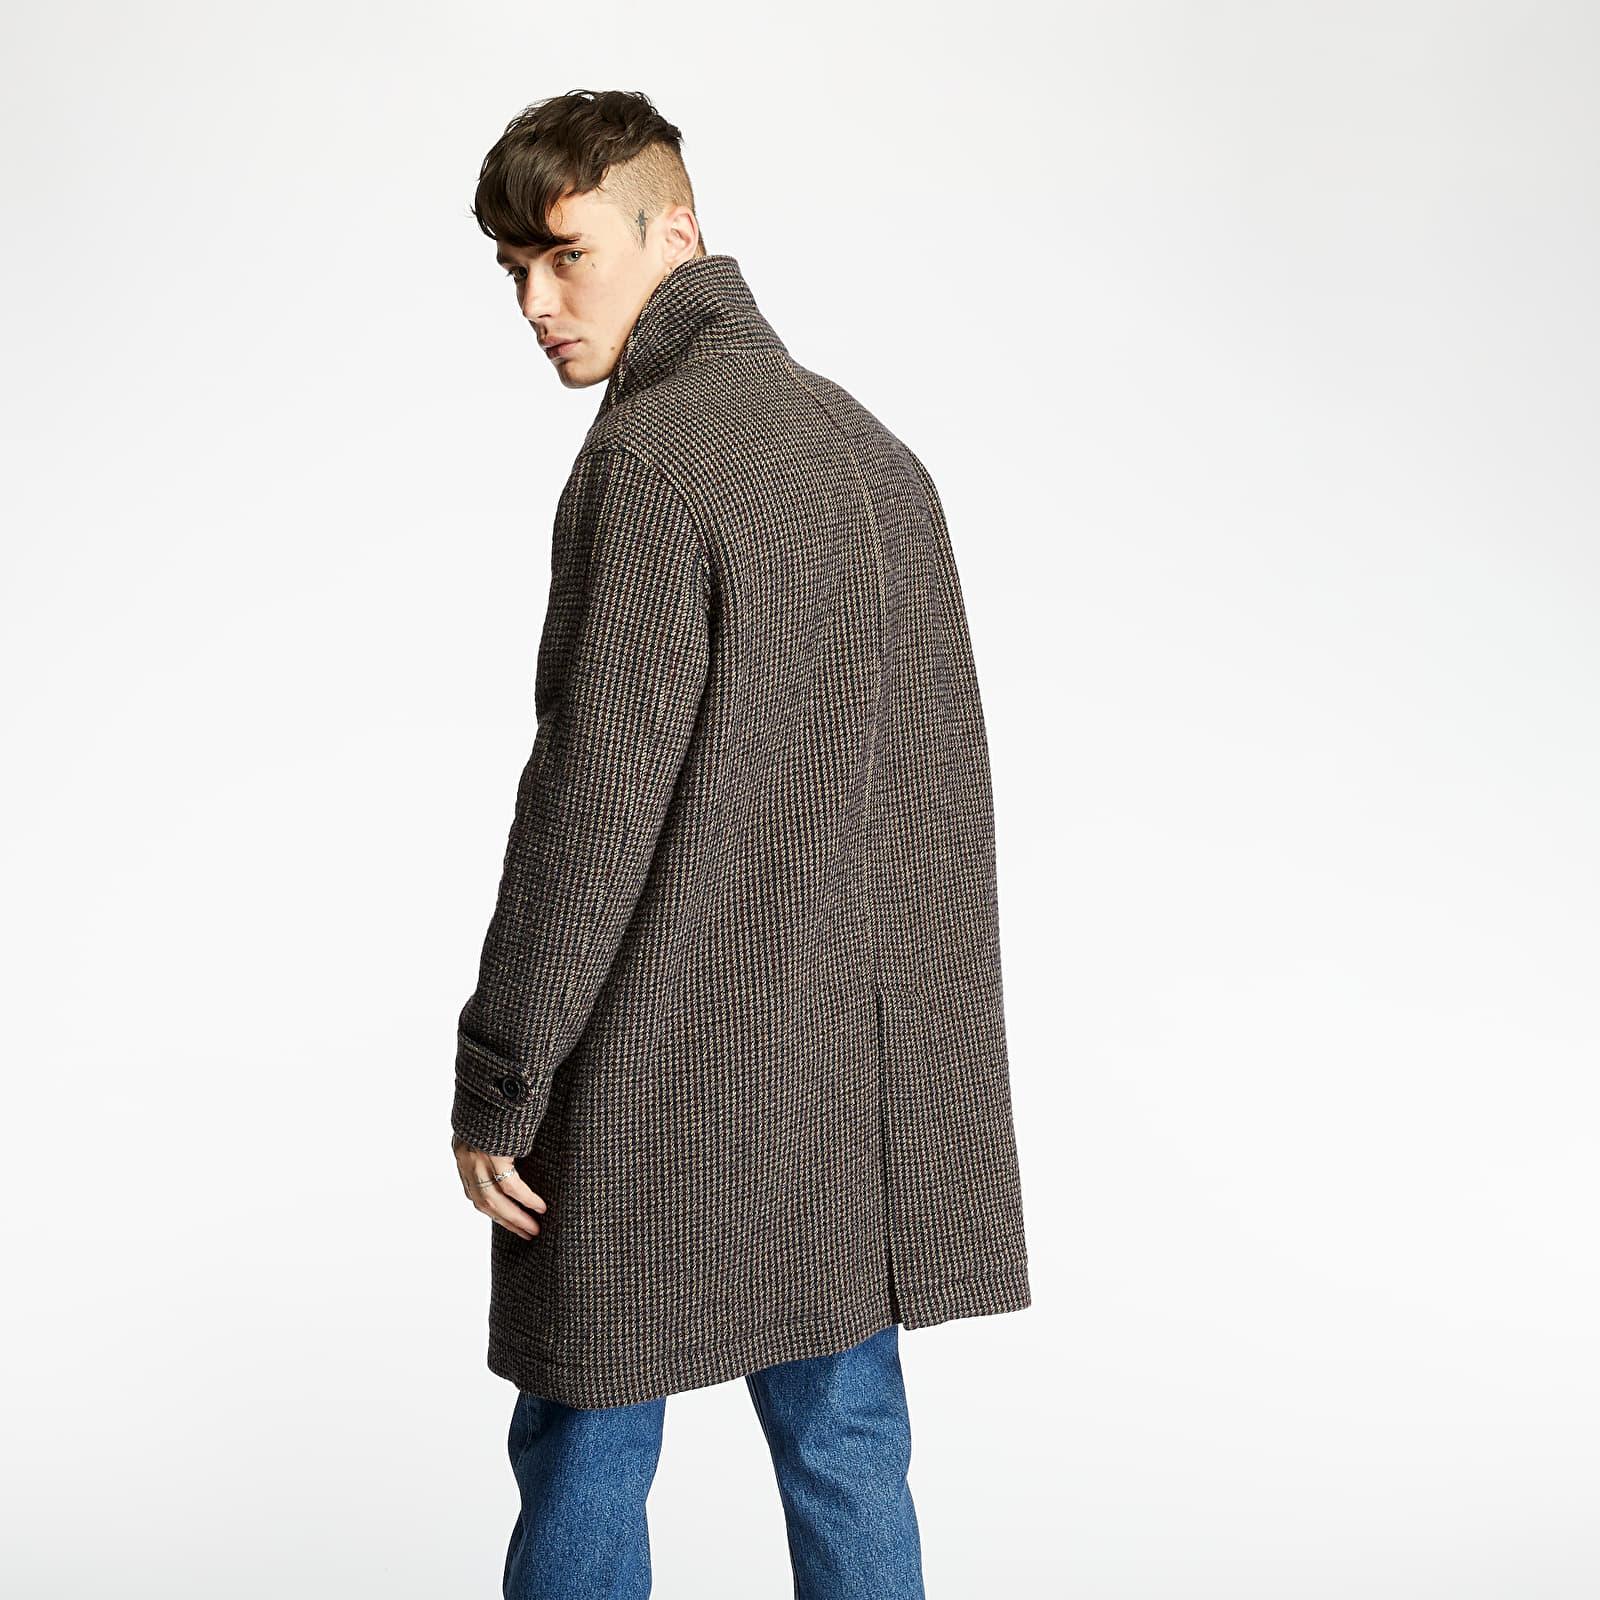 Coats WOOD WOOD Didrik Coat Grey Check